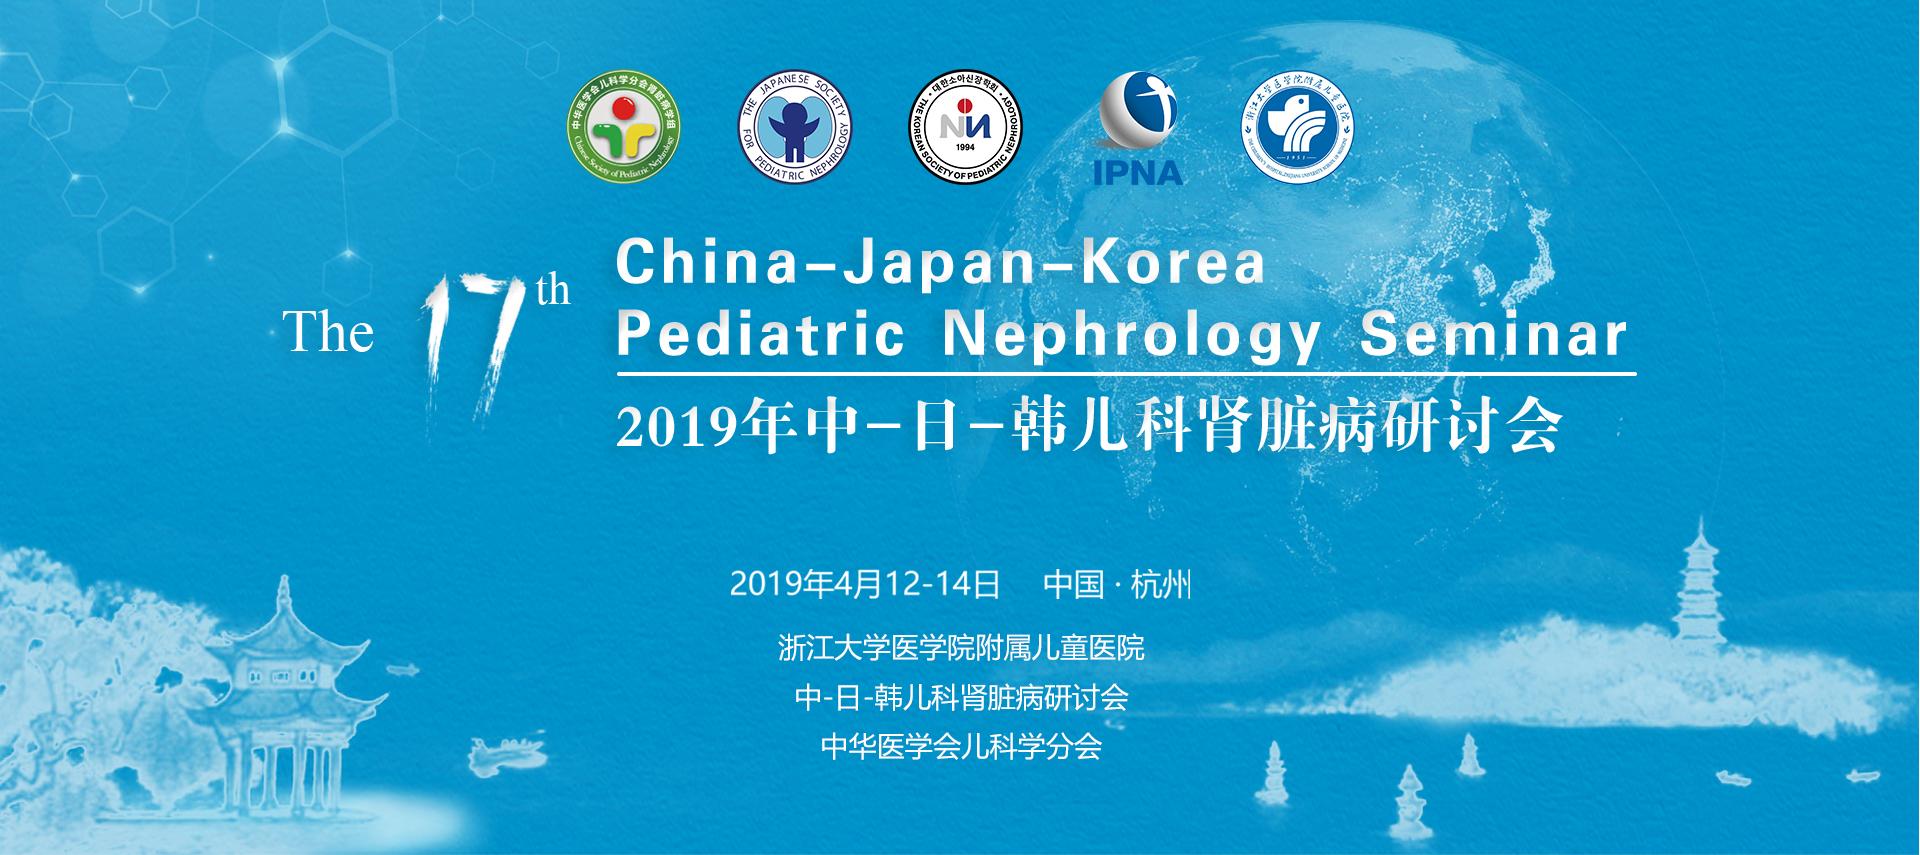 2019年中-日-韩儿科肾脏病研讨会